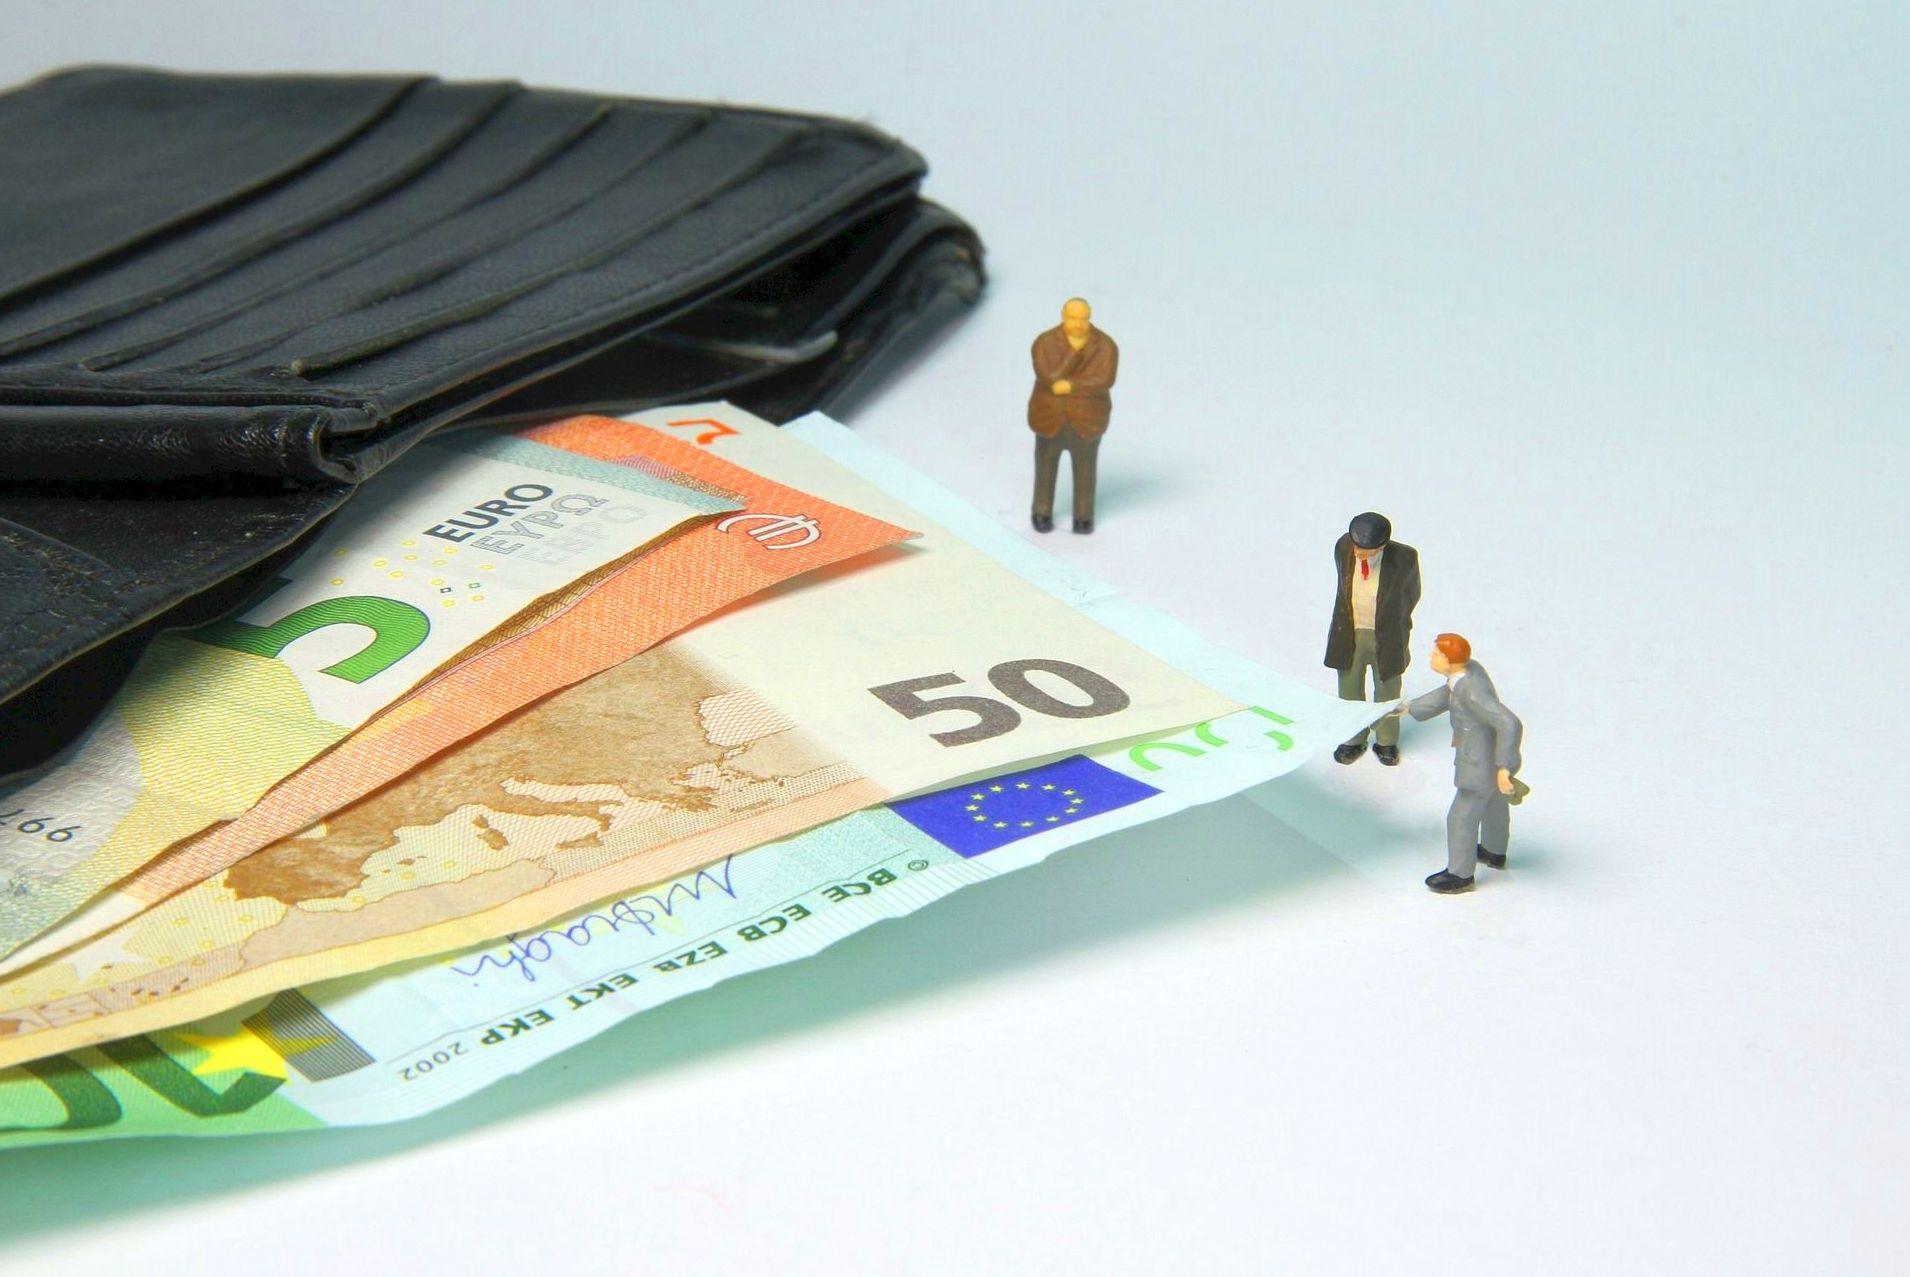 La Agencia Tributaria reforzará la asistencia al contribuyente con un proyecto piloto